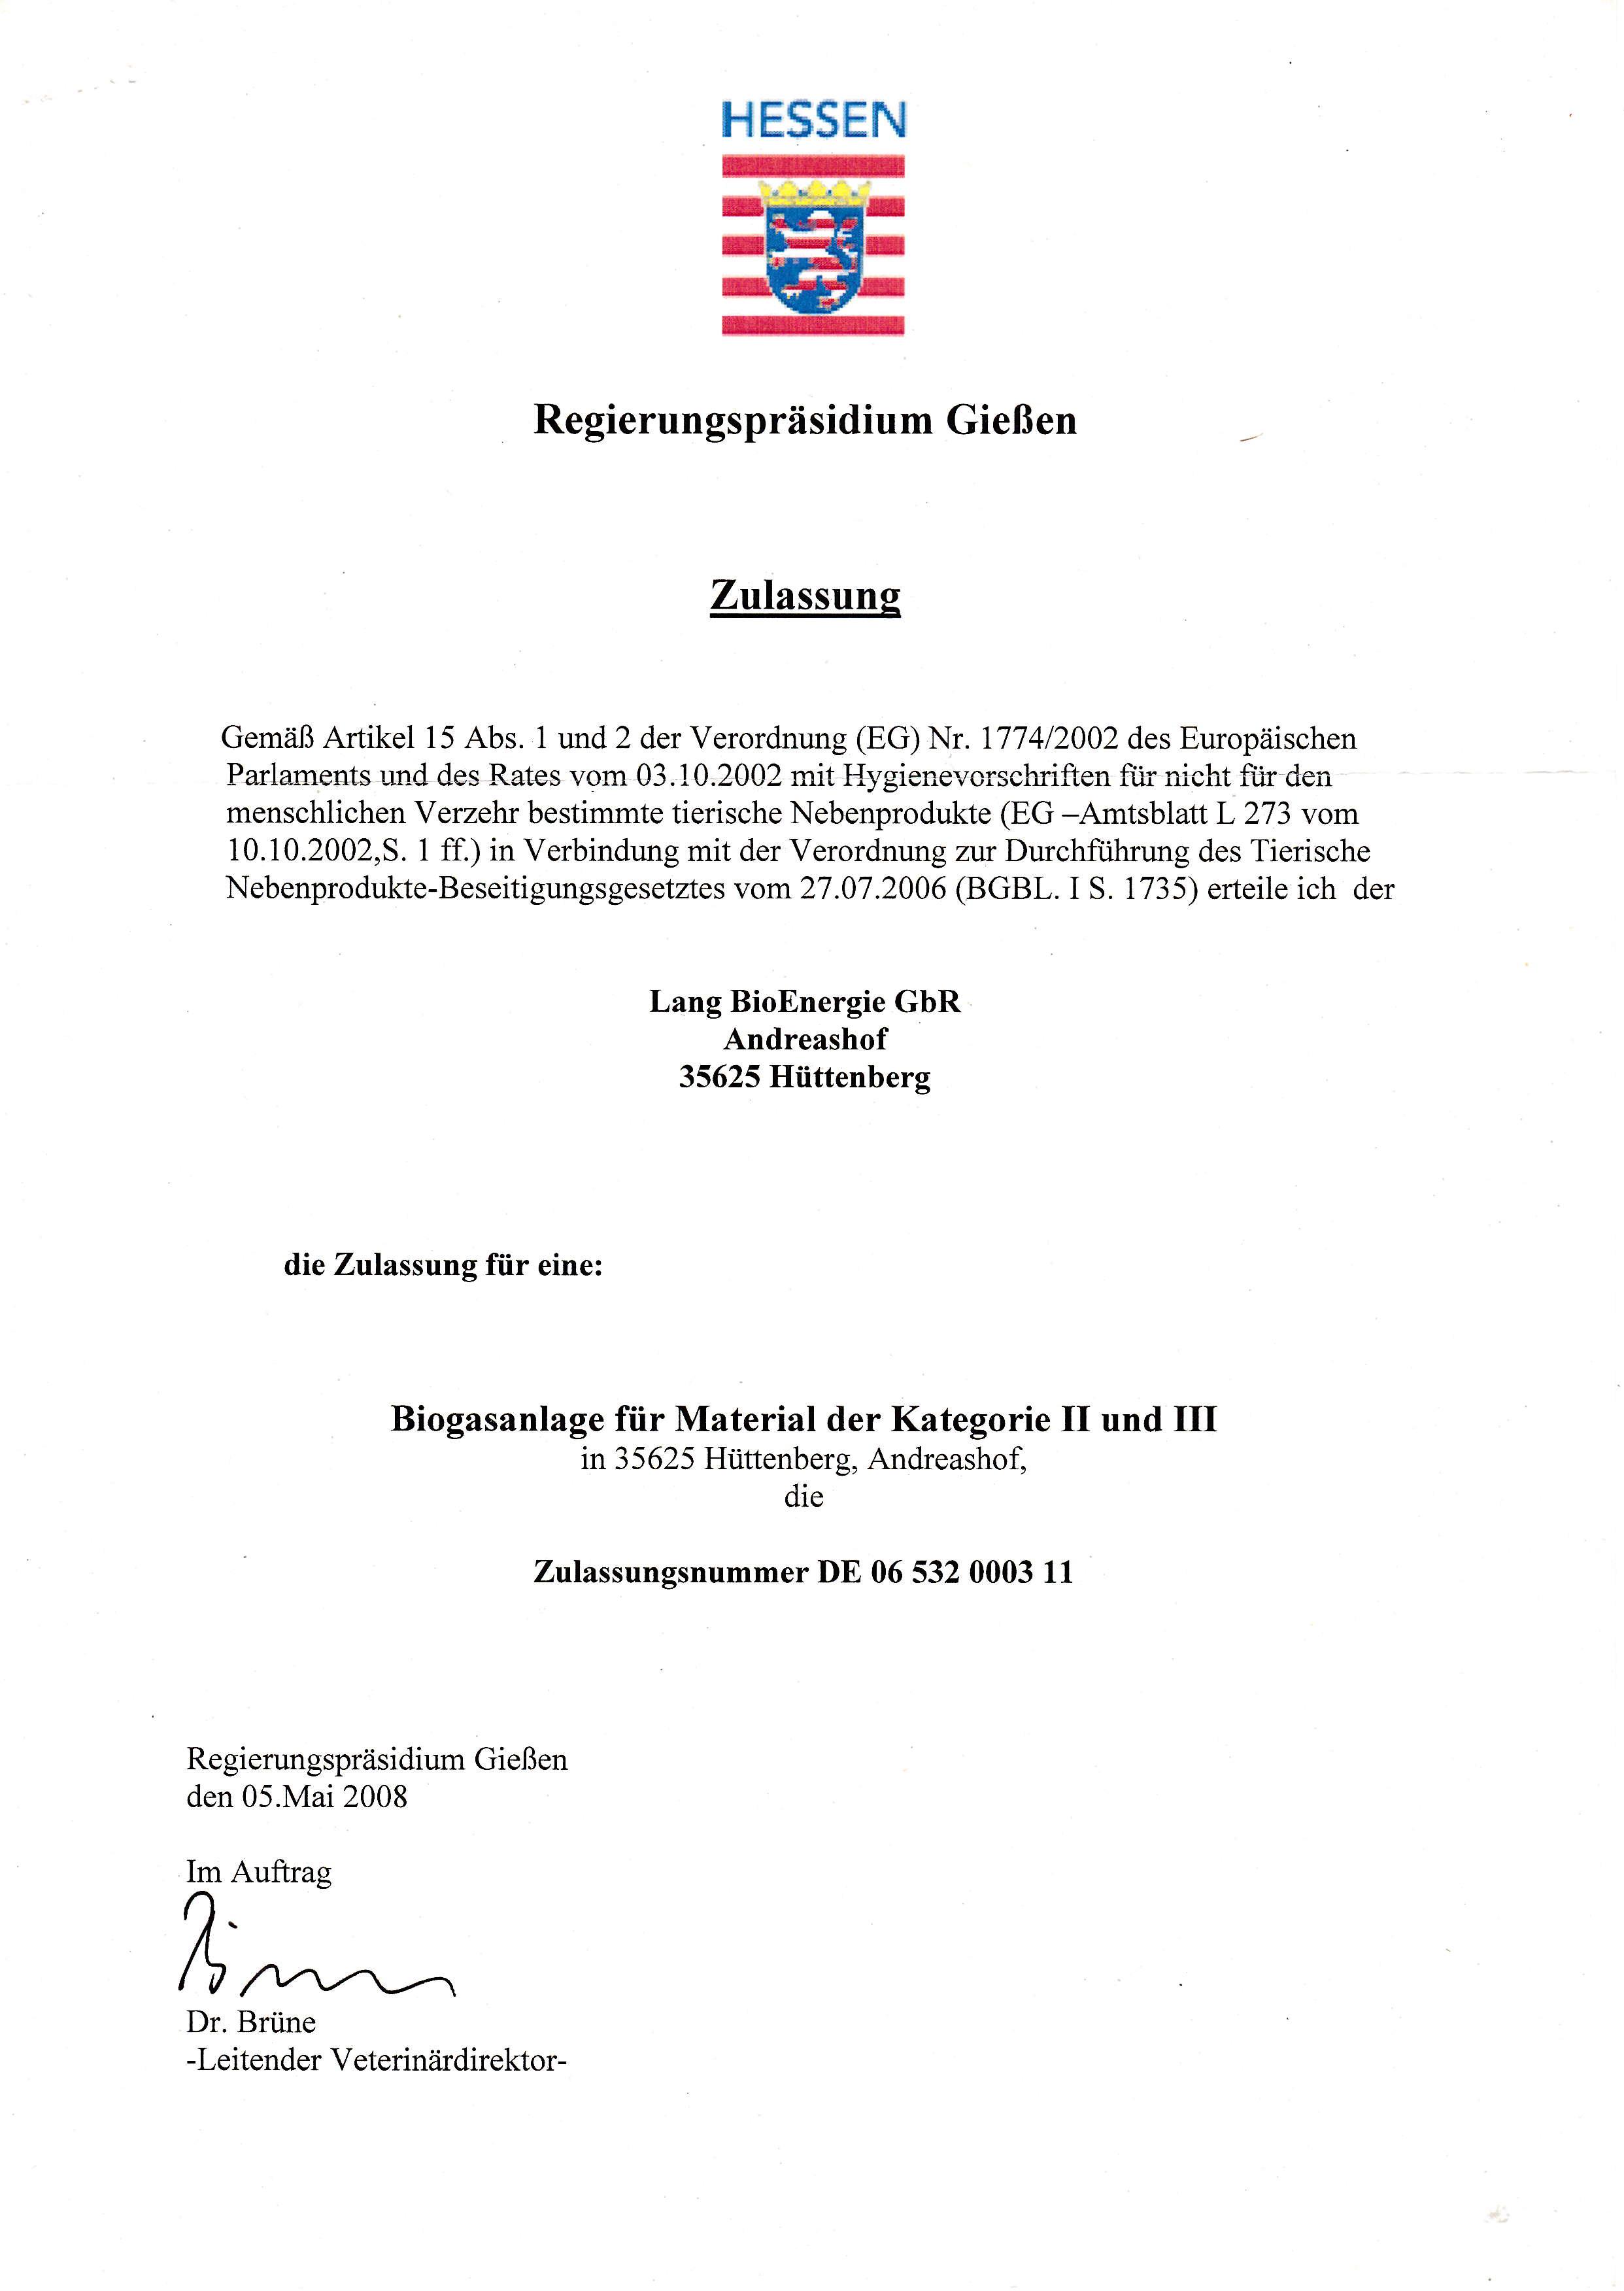 Zulassung_Zertifikat